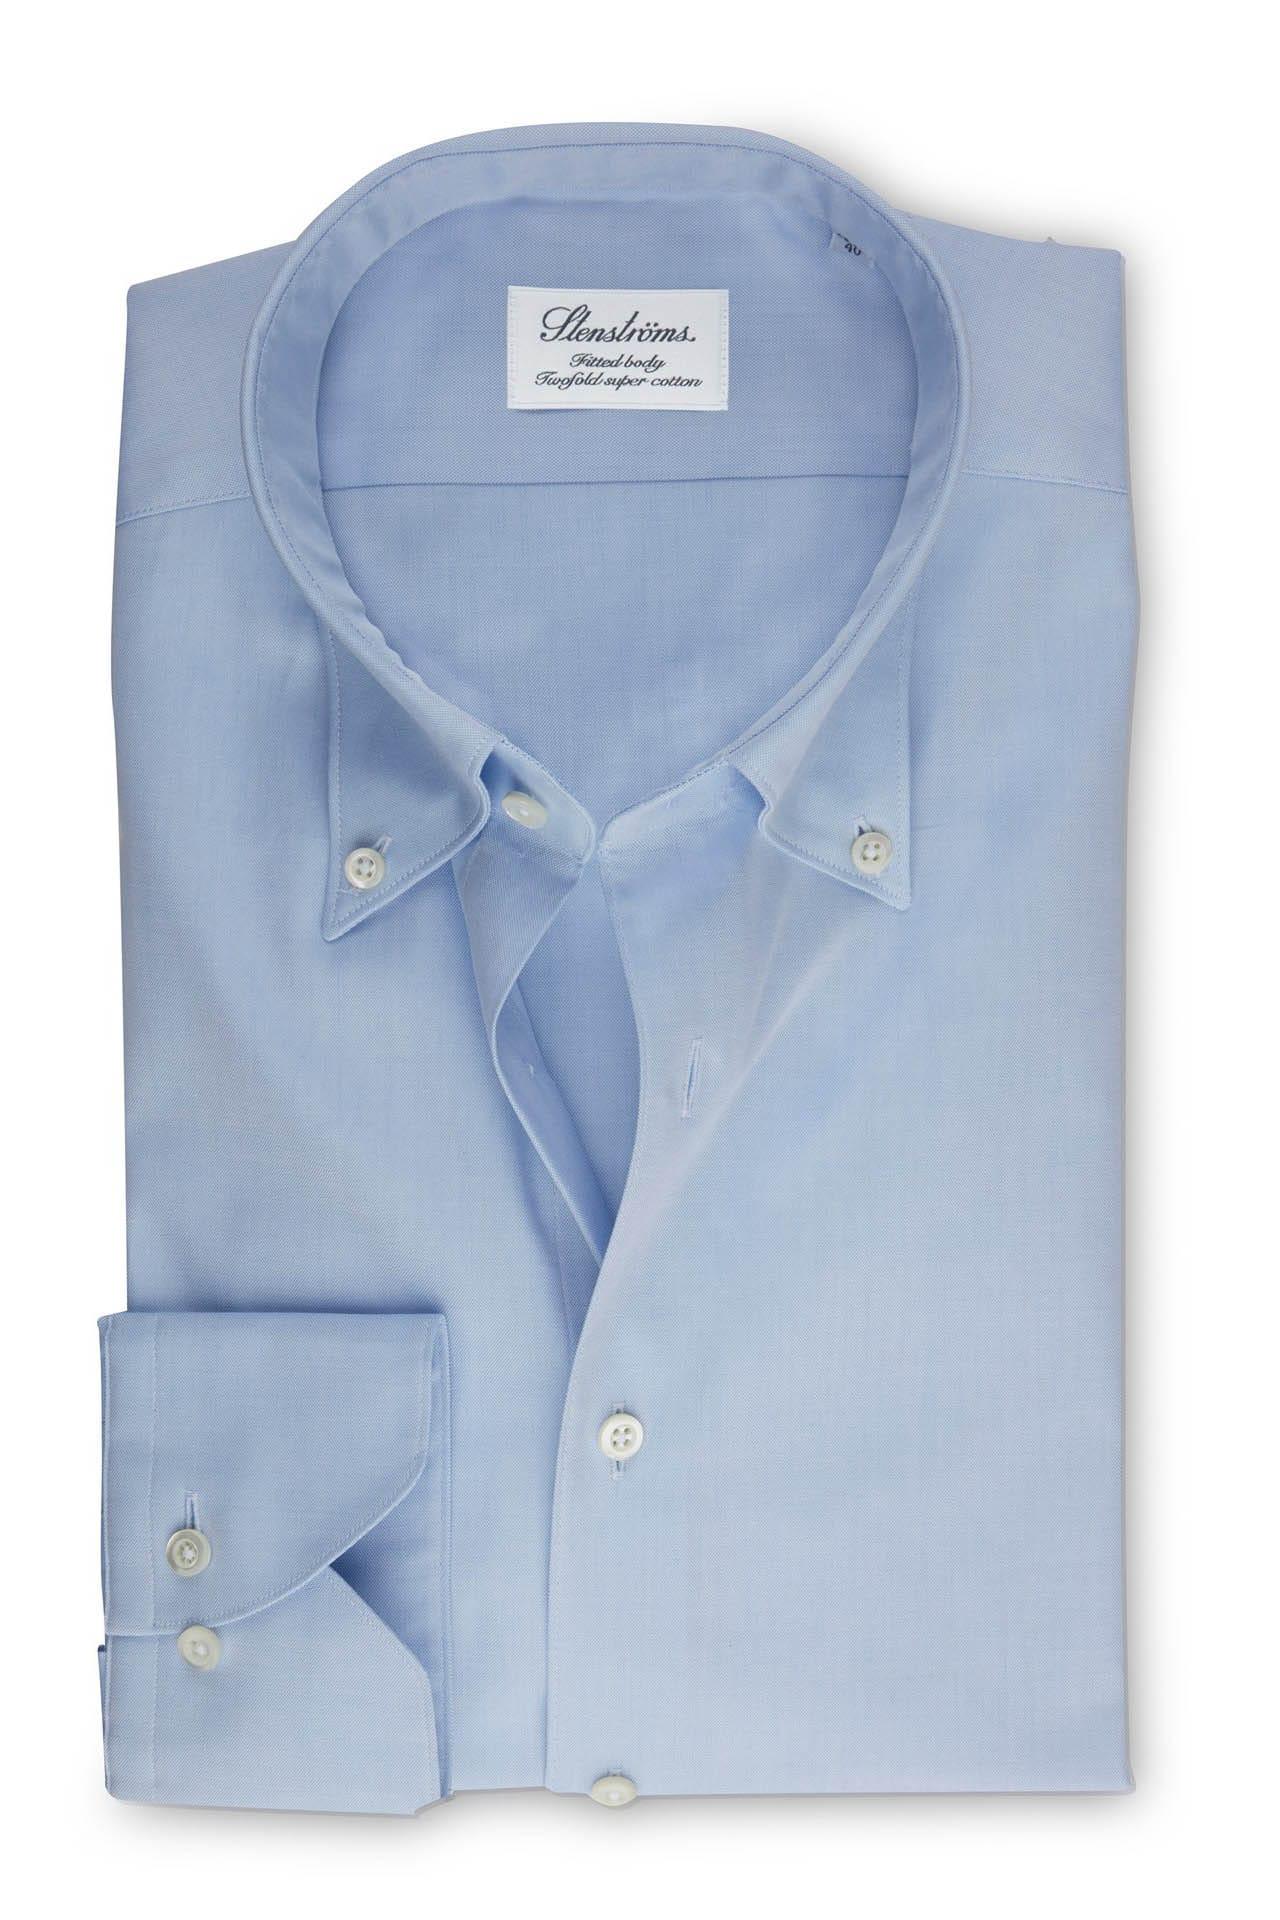 Stenströms Fitted Body Hemd hellblau, Einfarbig 40 - M